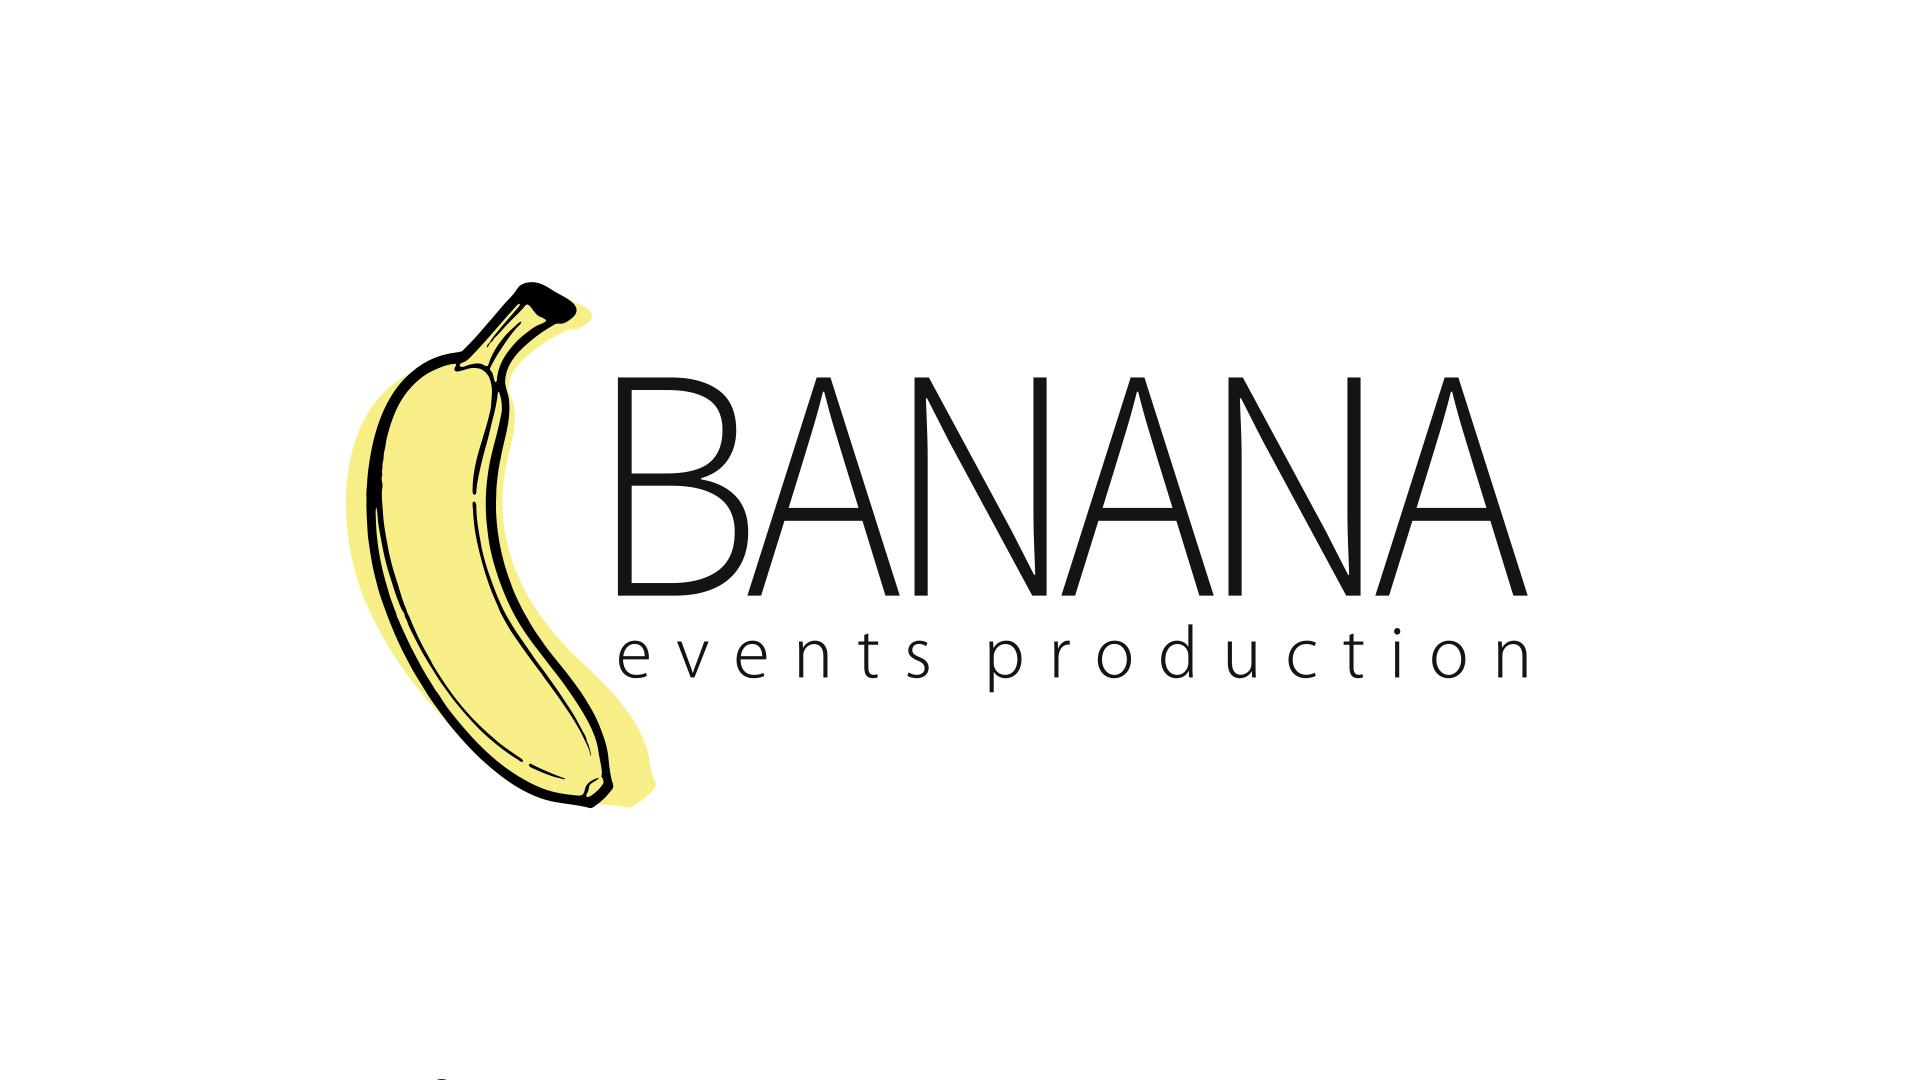 BANANA EVENTS PRODUCTION_logo